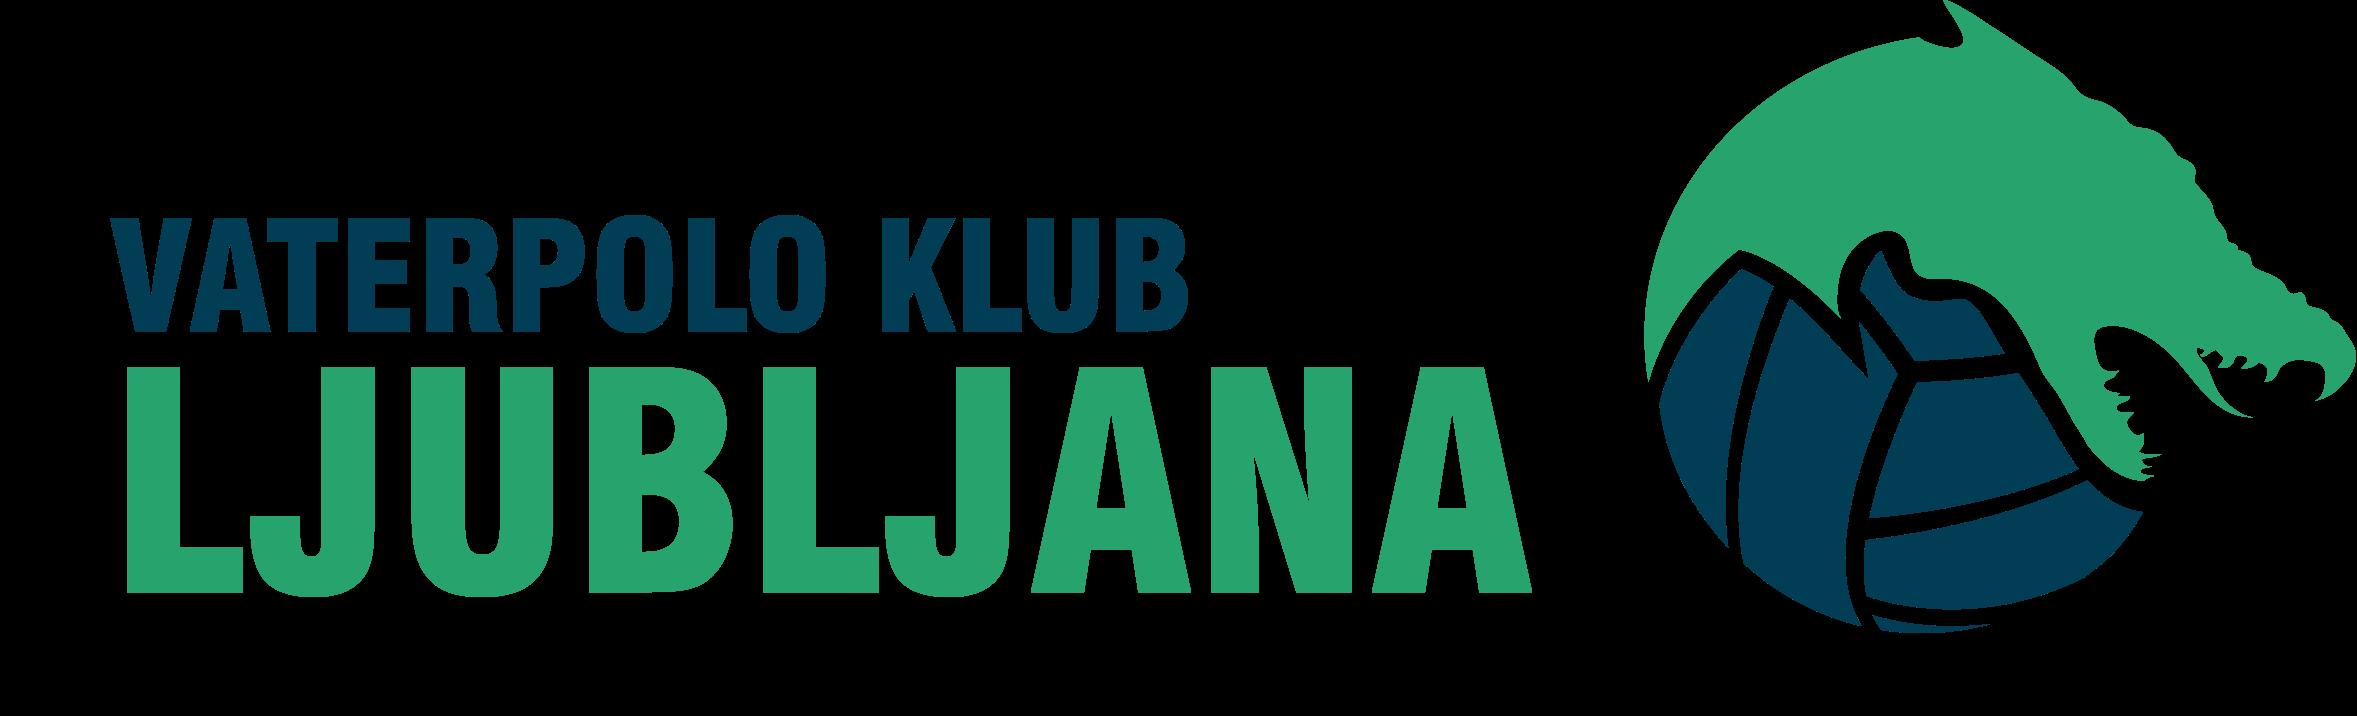 Vaterpolo klub Ljubljana